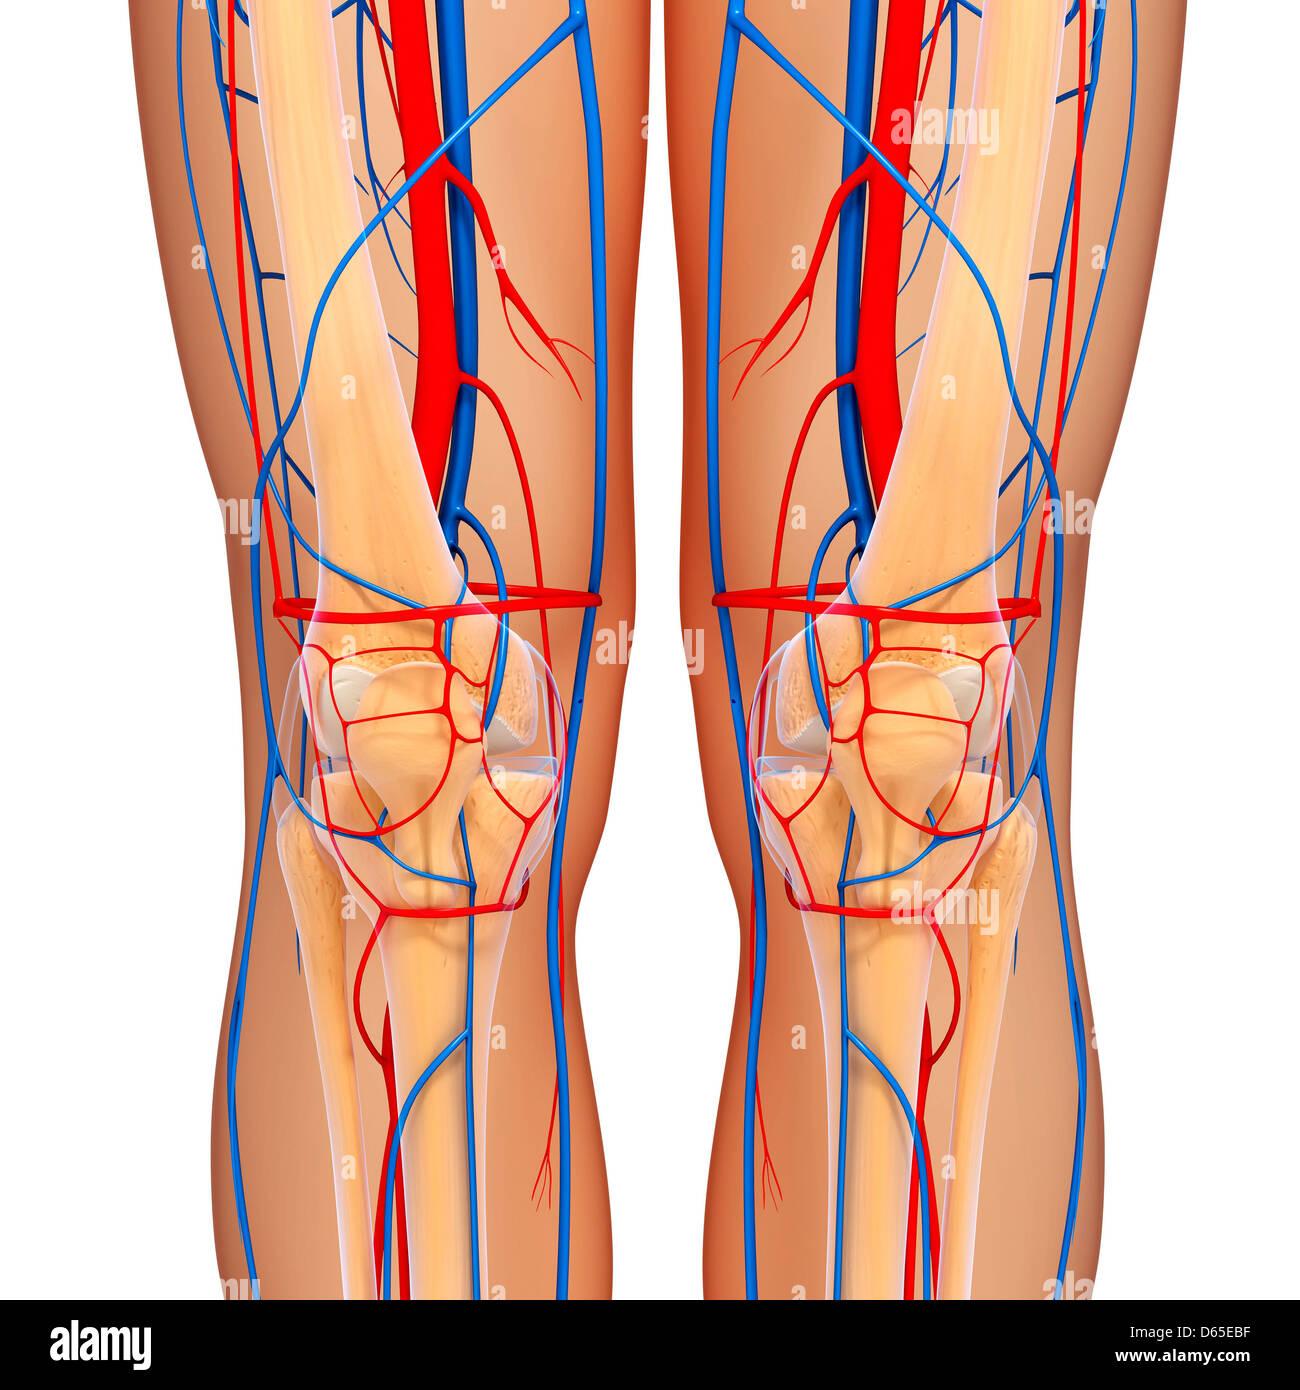 Knie-Anatomie, artwork Stockfoto, Bild: 55440099 - Alamy